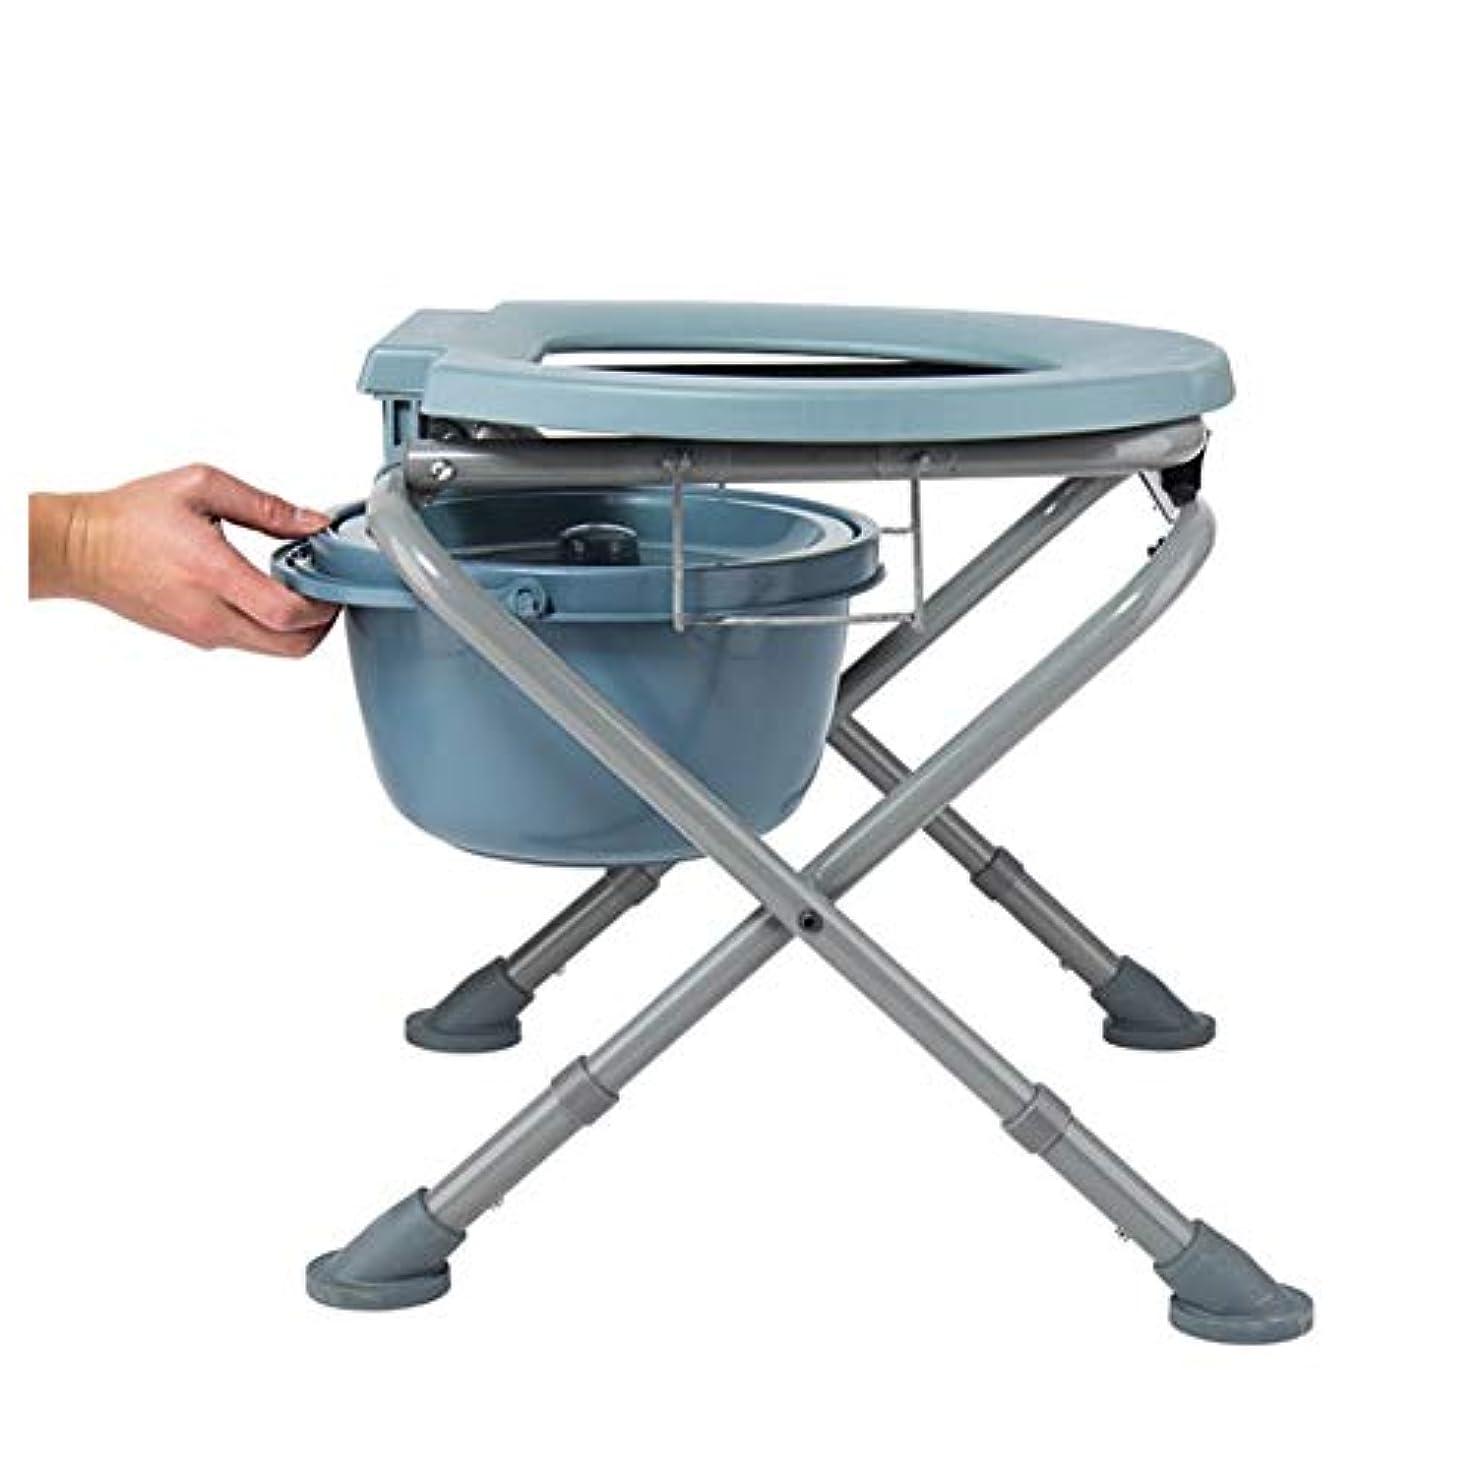 せっかち滑り台ビジネス便携式浴室椅折叠式座厕椅轻便坚固简易浴室可拆卸式老人用品